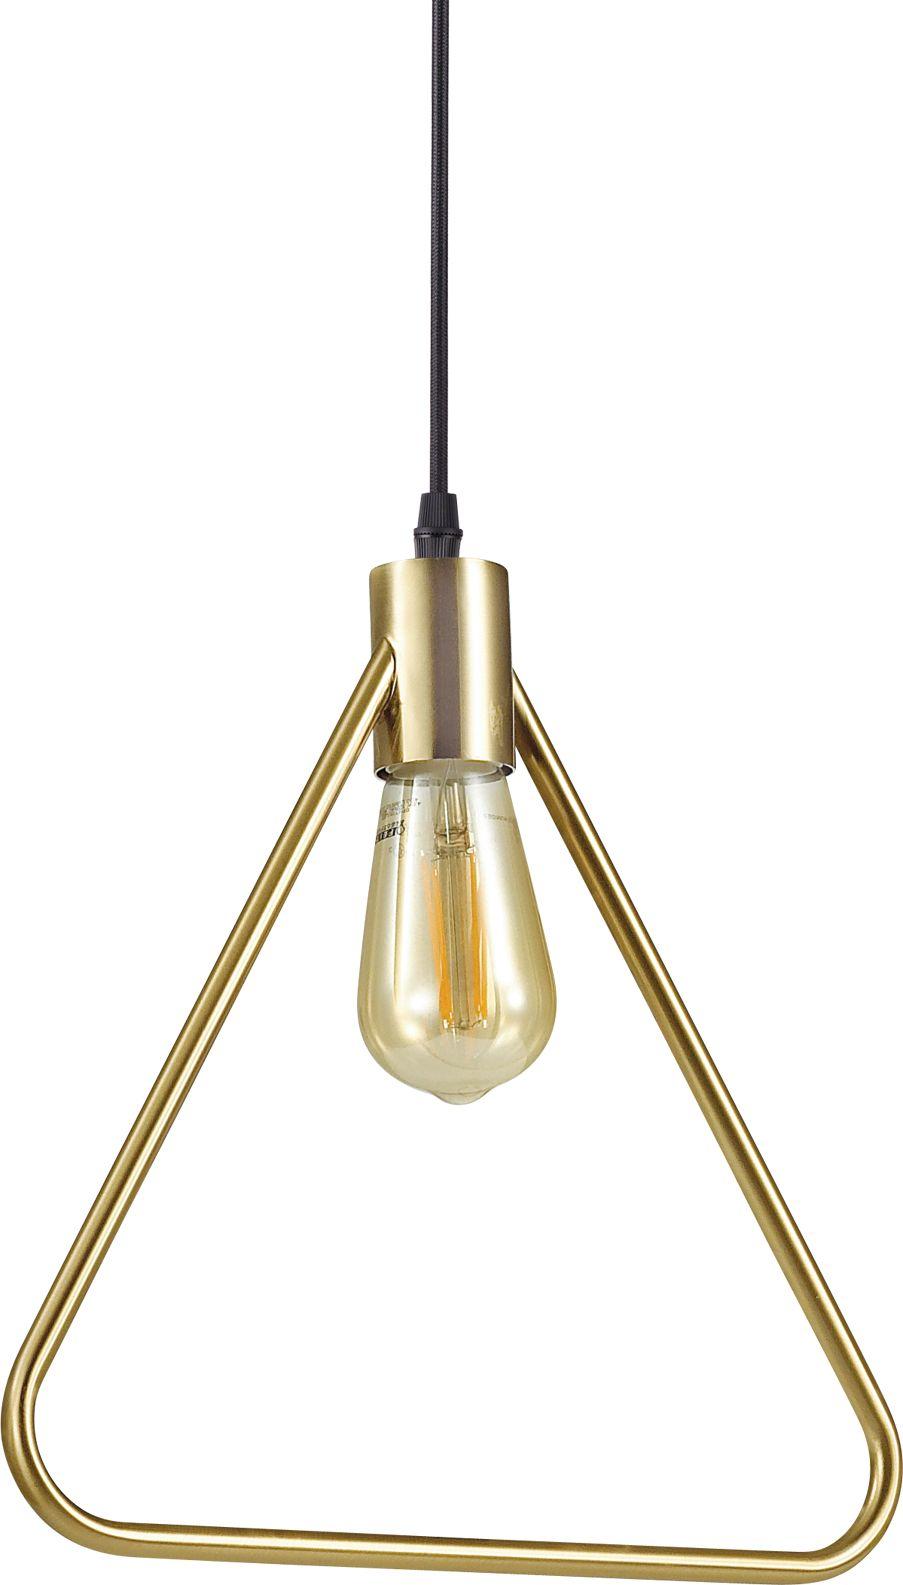 Lampa wisząca Abc SP1 Triangle 207834 Ideal Lux mosiężna oprawa w stylu design